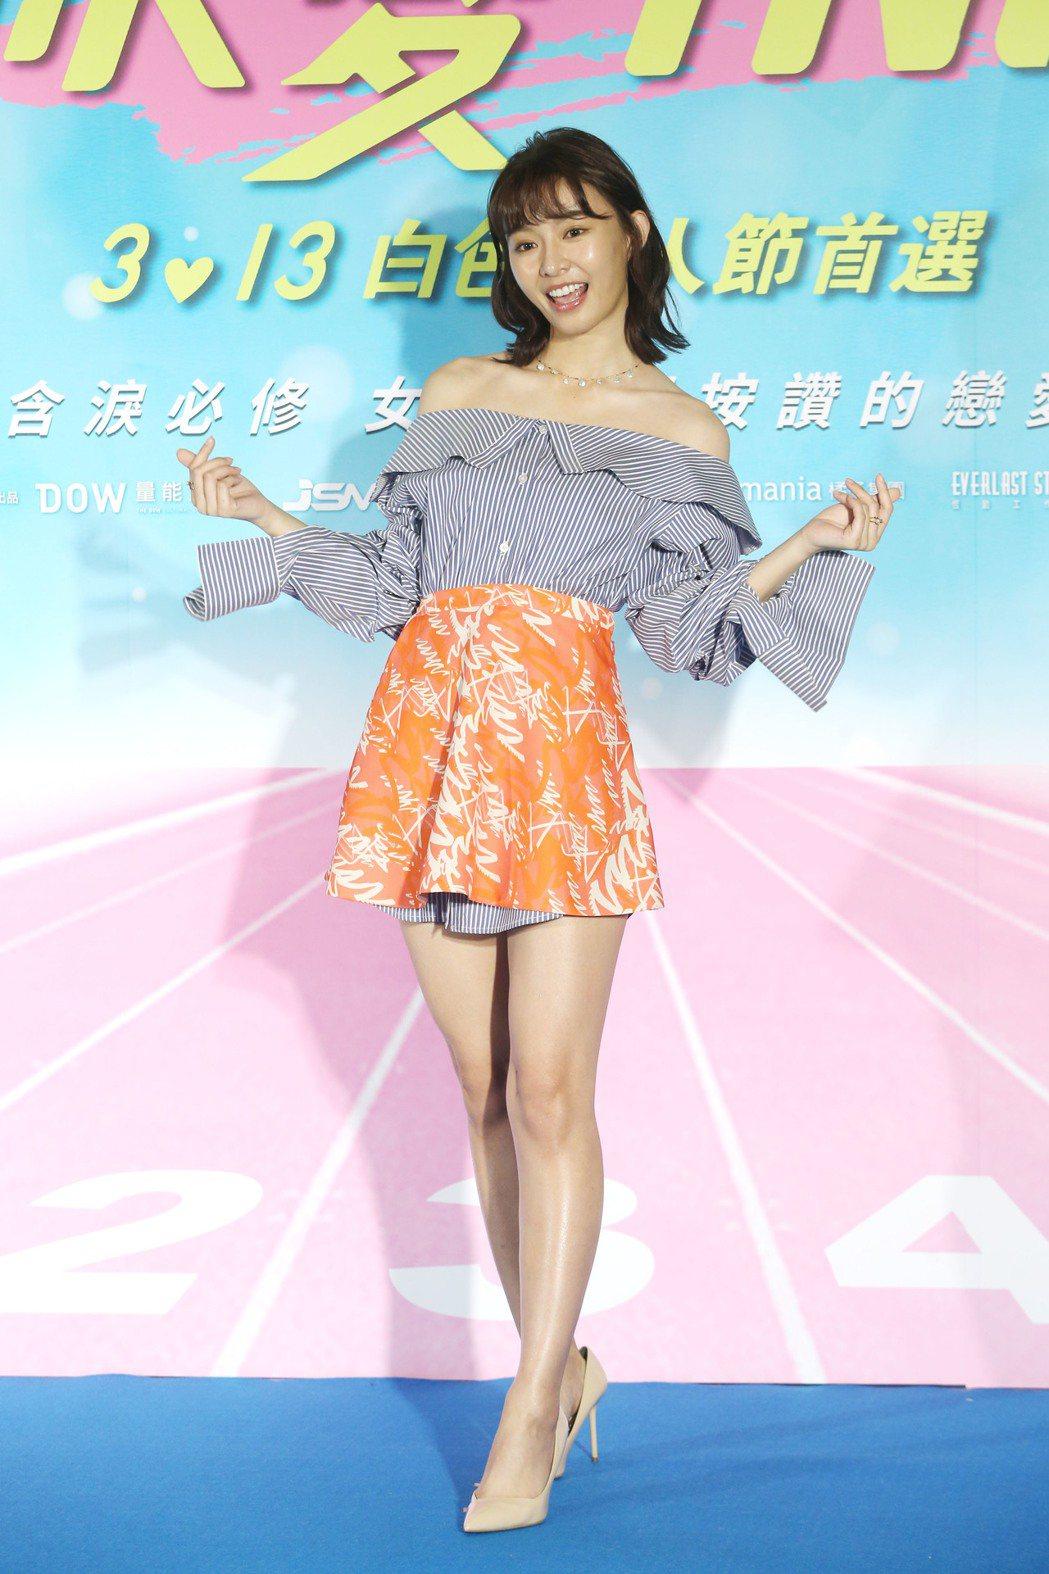 由林暐恆(阿KEN)導演的電影《練愛iNG》舉行首映會,演員陳怡叡(Yuri)。...